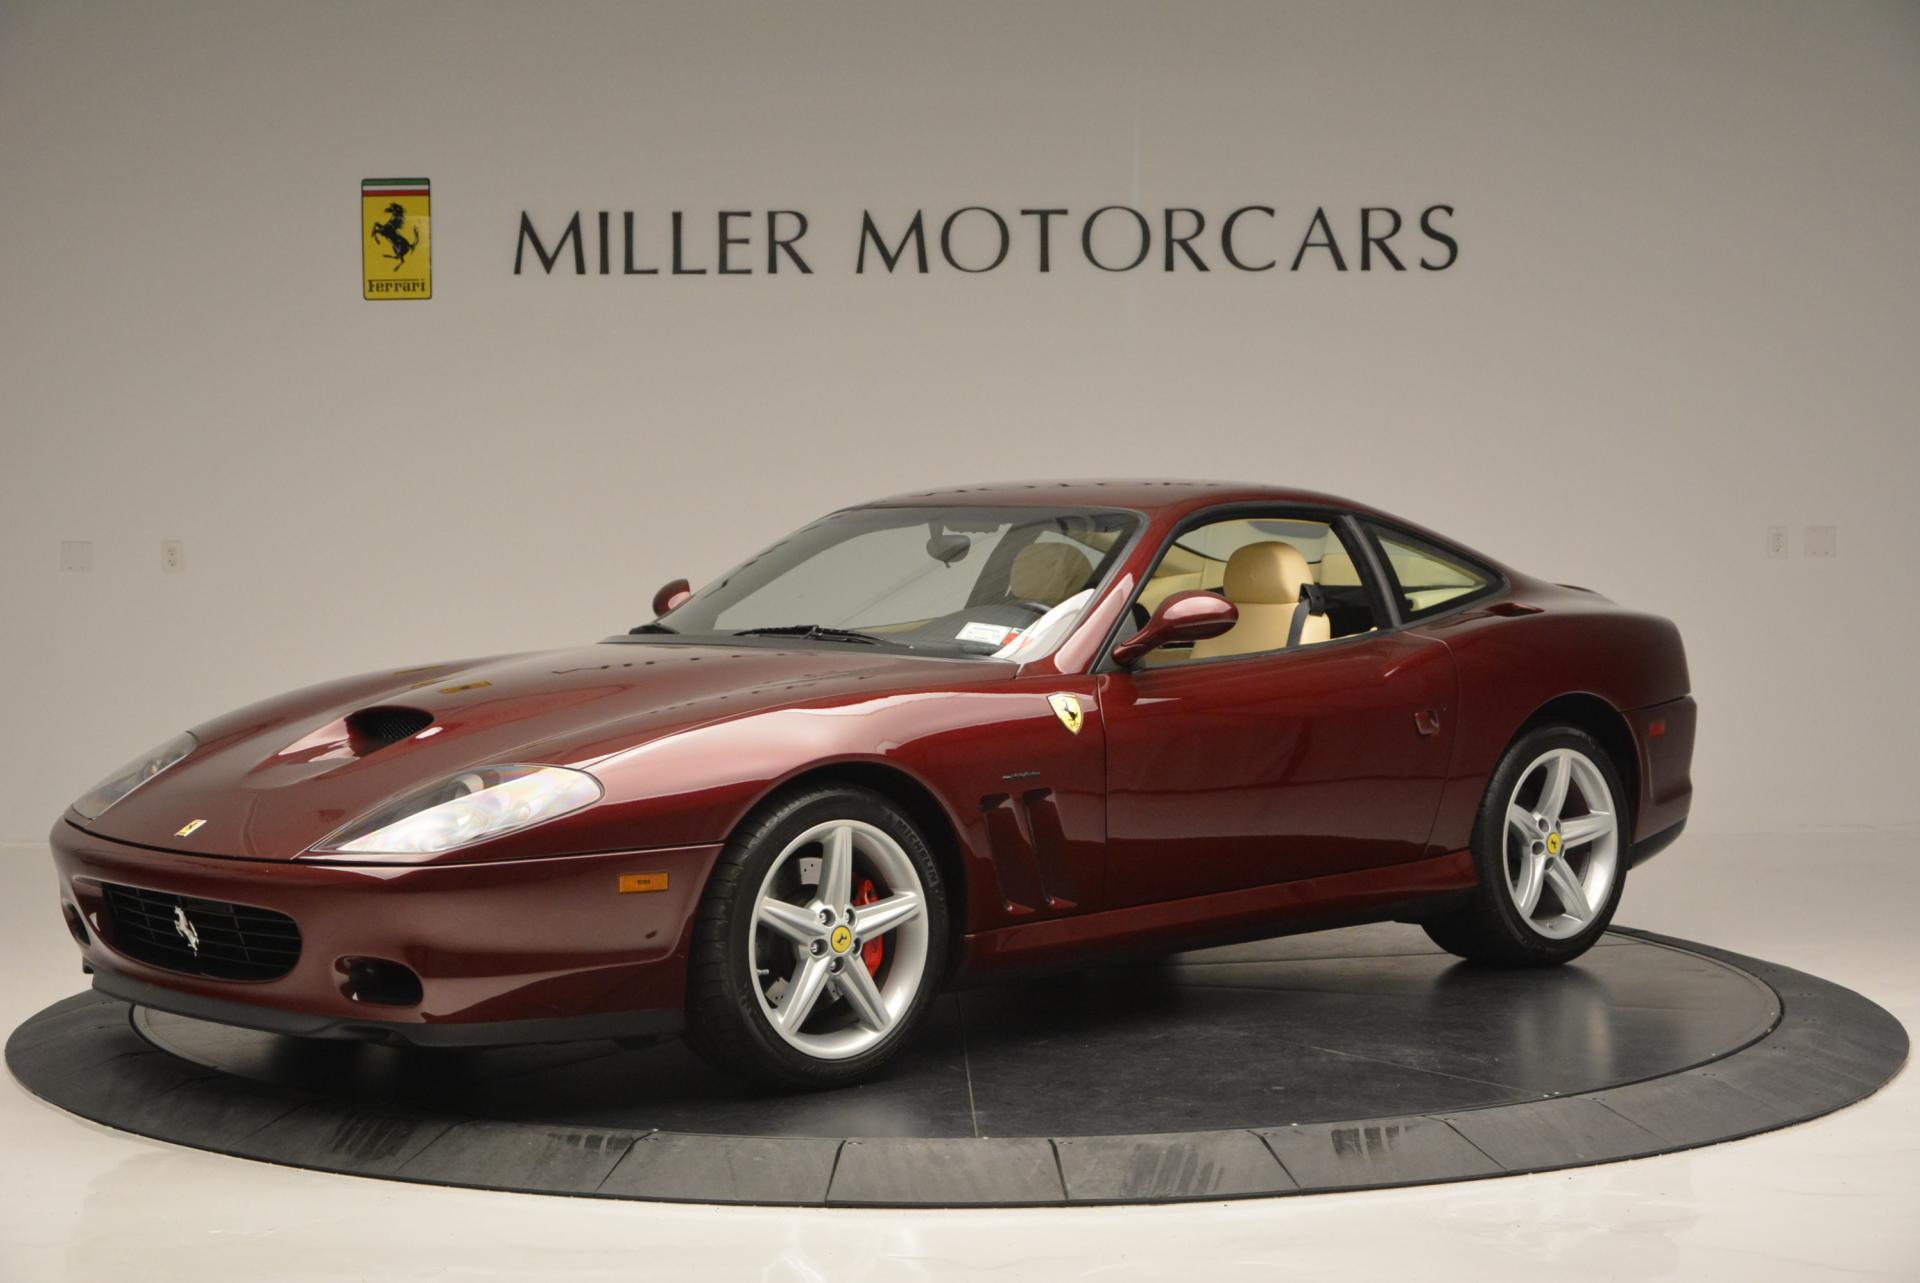 Used 2003 Ferrari 575M Maranello 6-Speed Manual For Sale In Westport, CT 143_p2